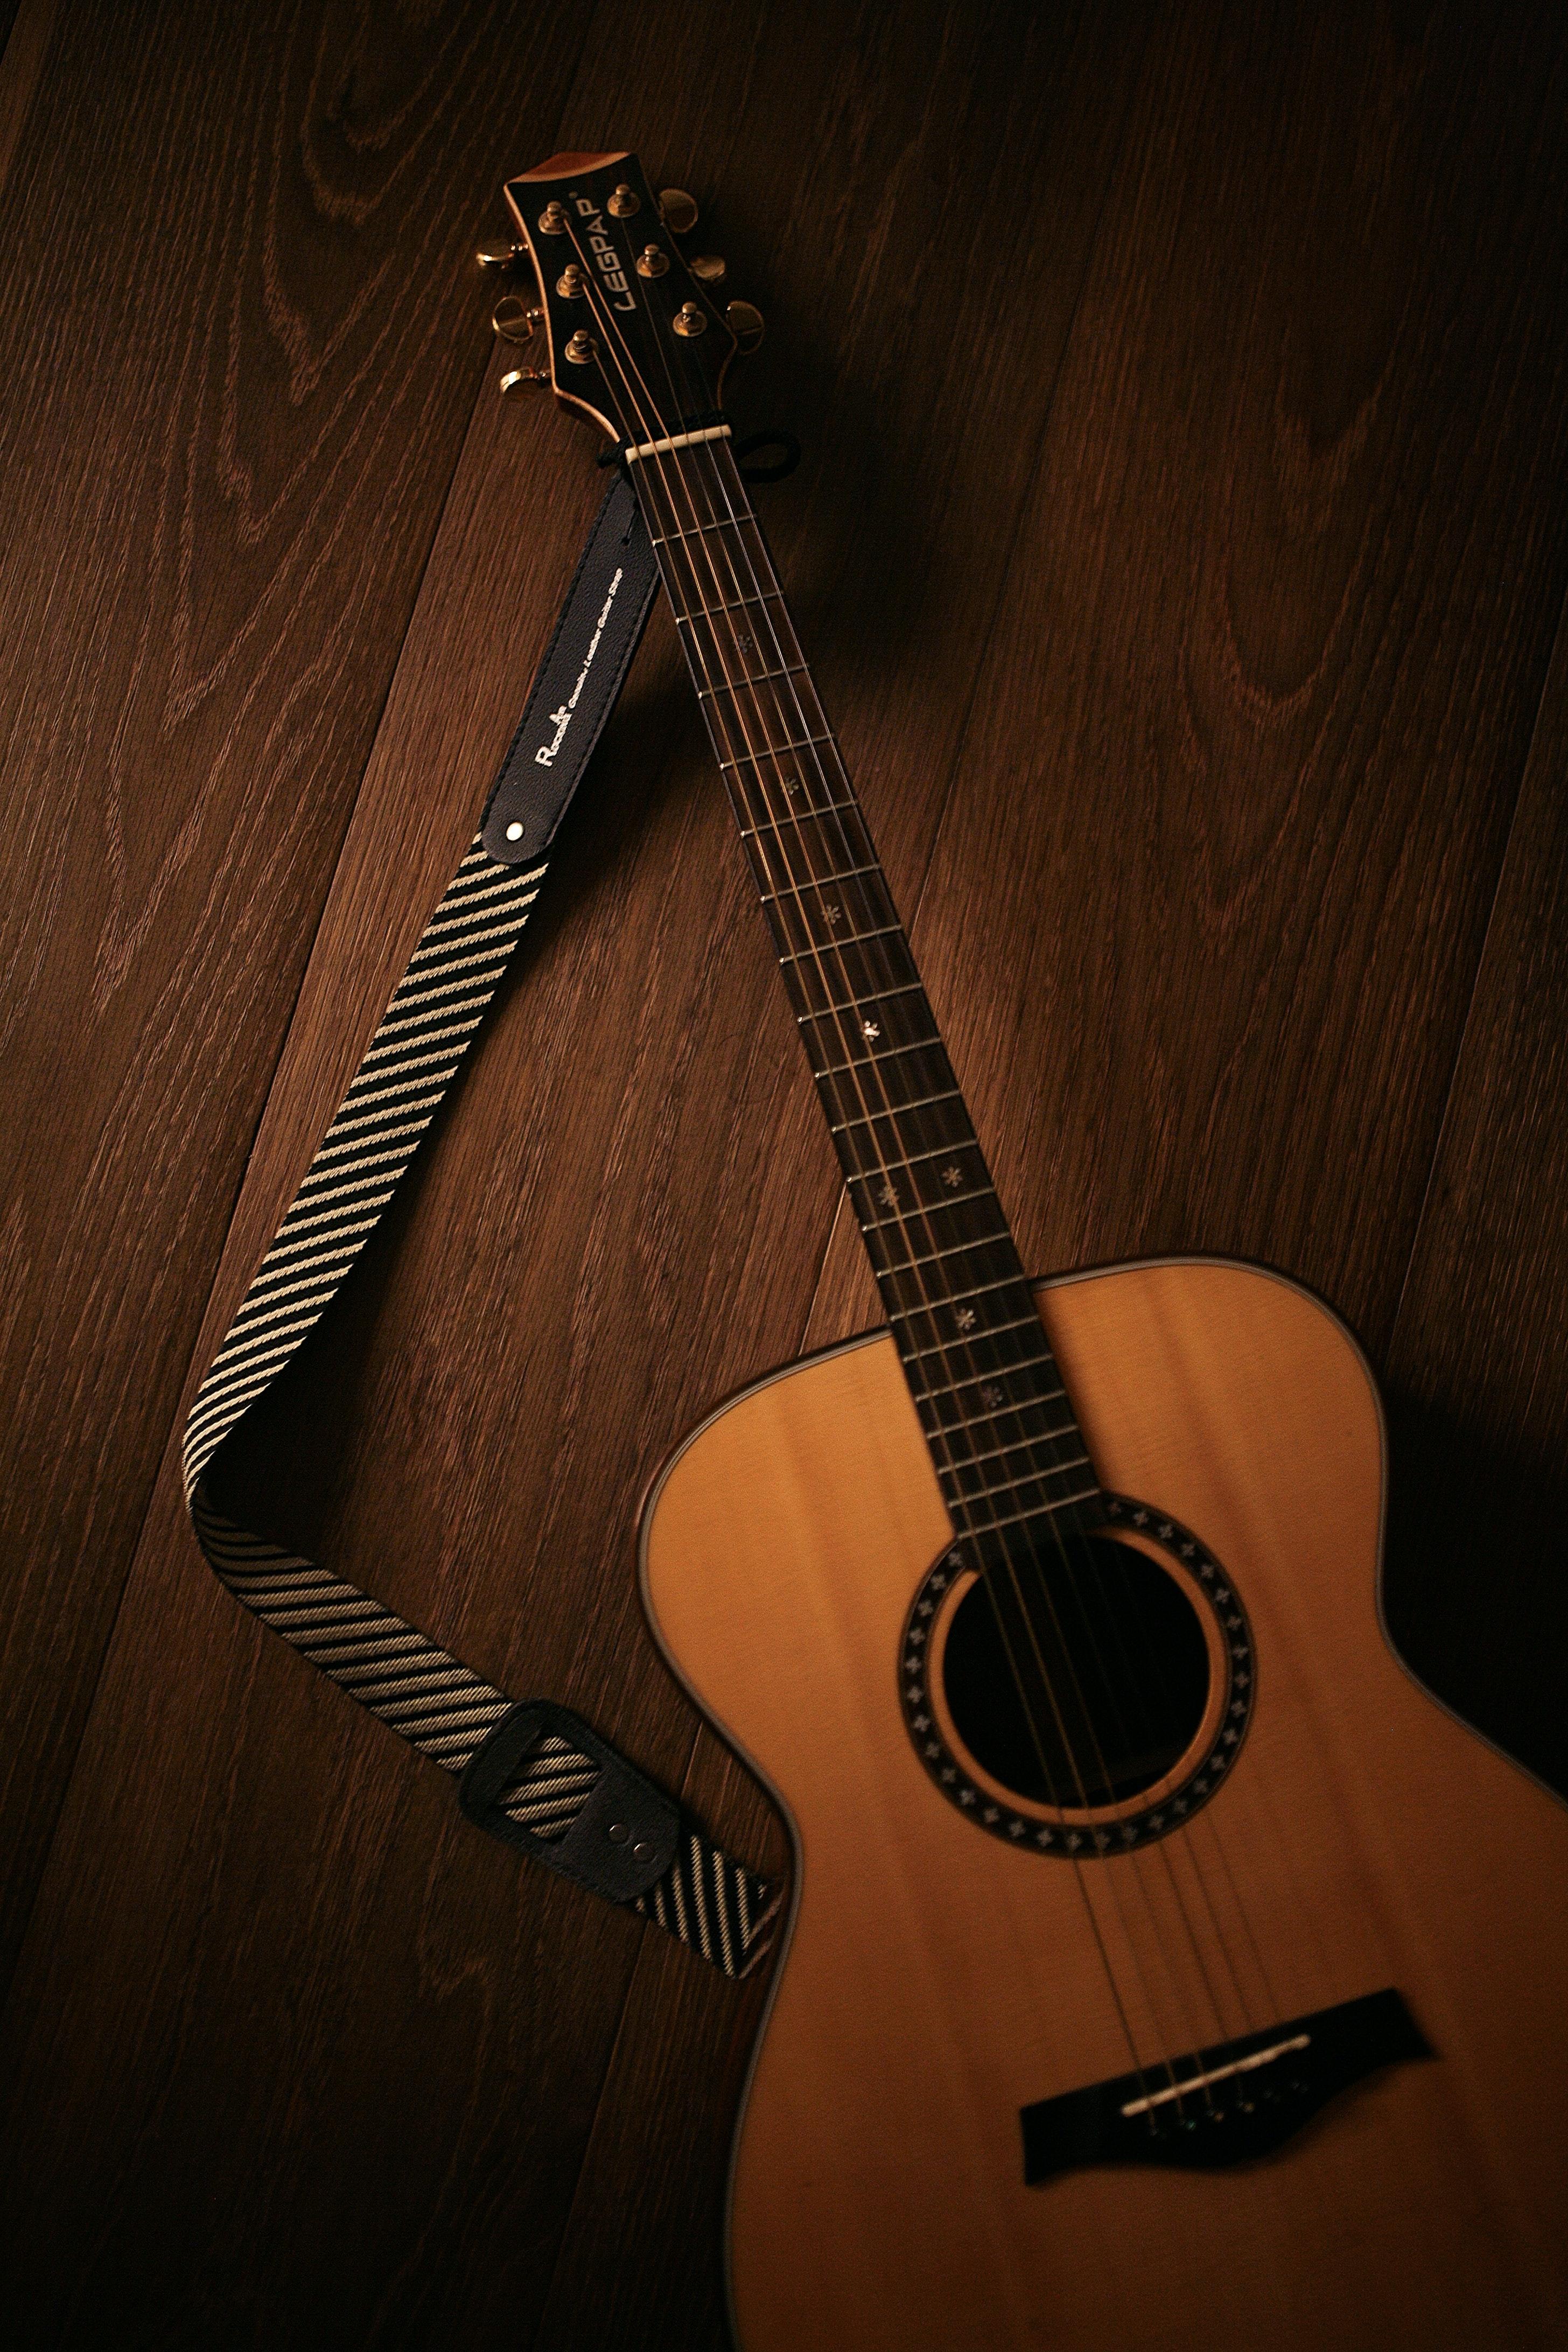 63100 Заставки и Обои Музыка на телефон. Скачать Музыка, Гитара, Деревянный, Коричневый, Музыкальный Инструмент, Акустическая Гитара картинки бесплатно